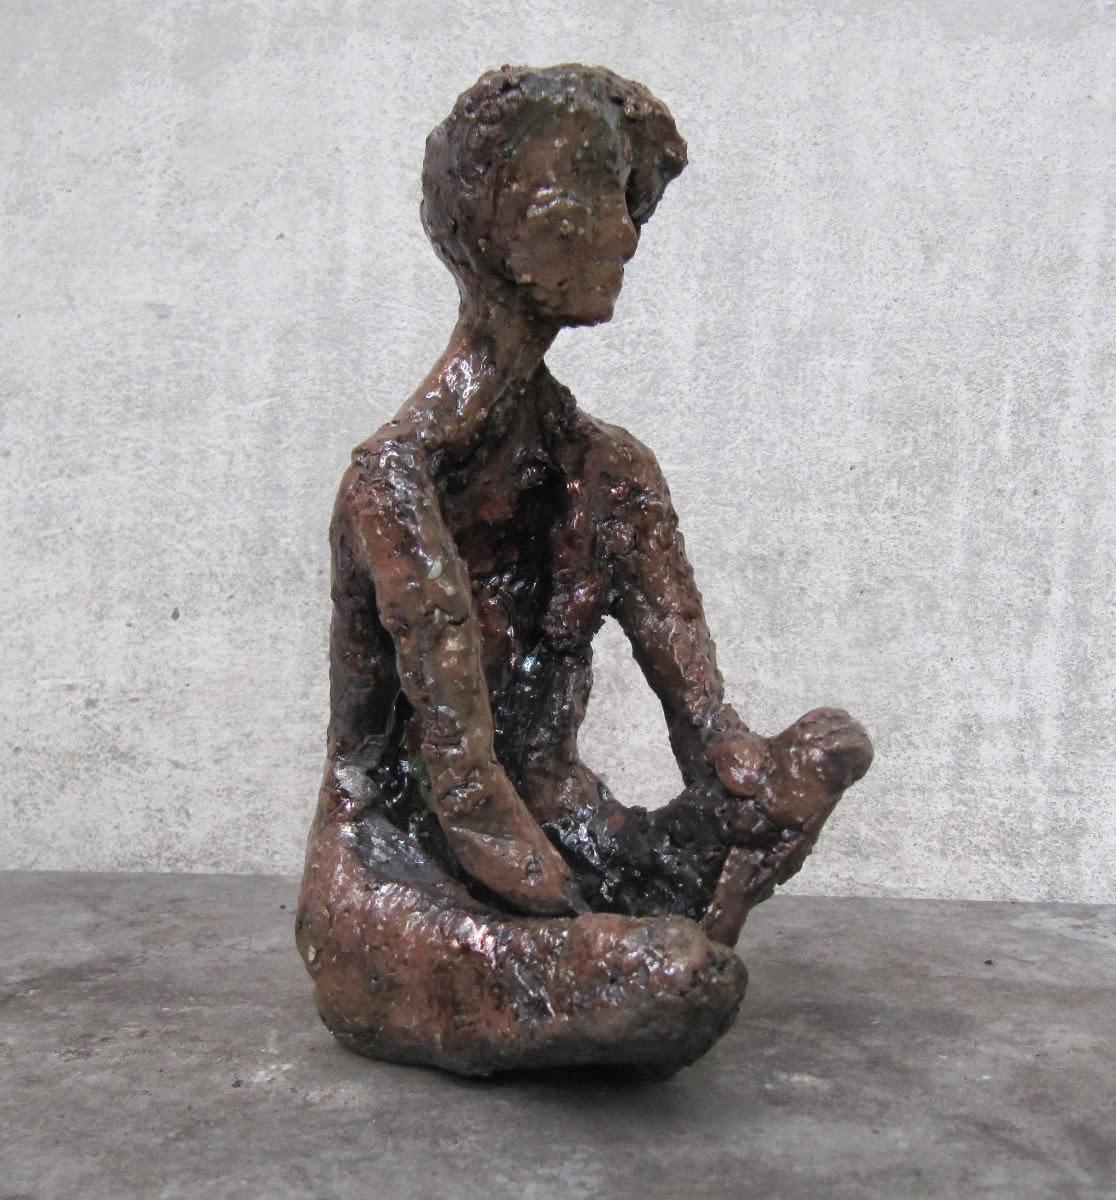 Rzeźba współczesna siedząca postać kolor brązowy